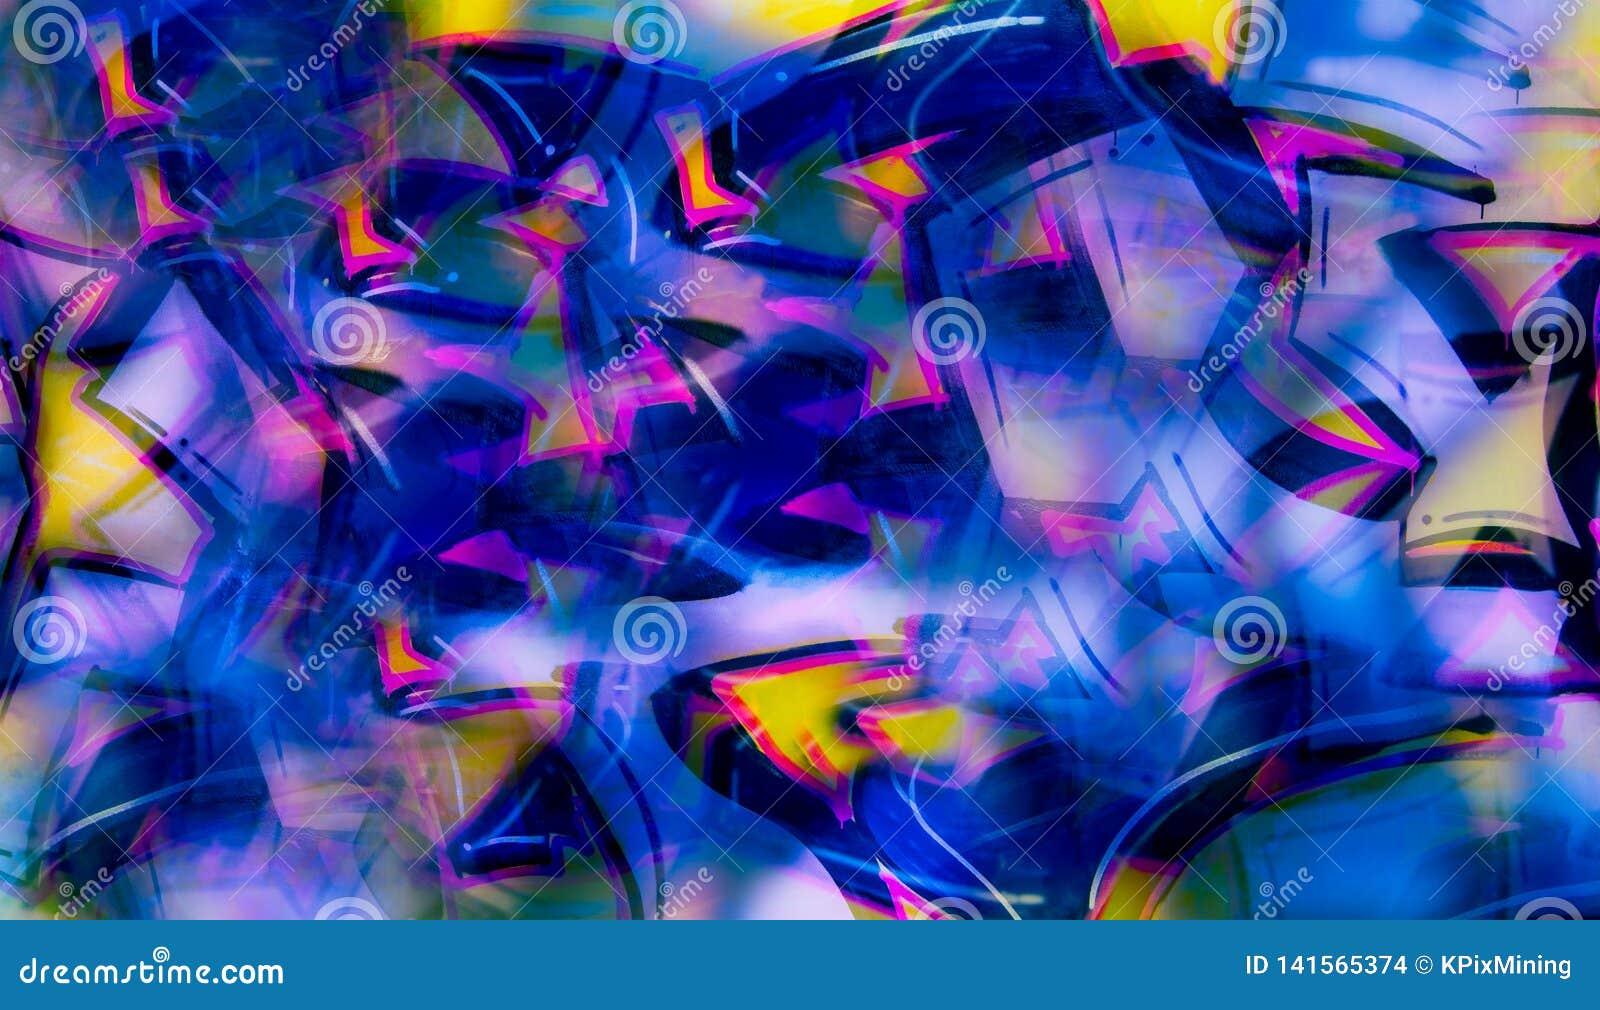 Abstrakcjonistyczna graffiti imitacja w cyfrowym kolażu